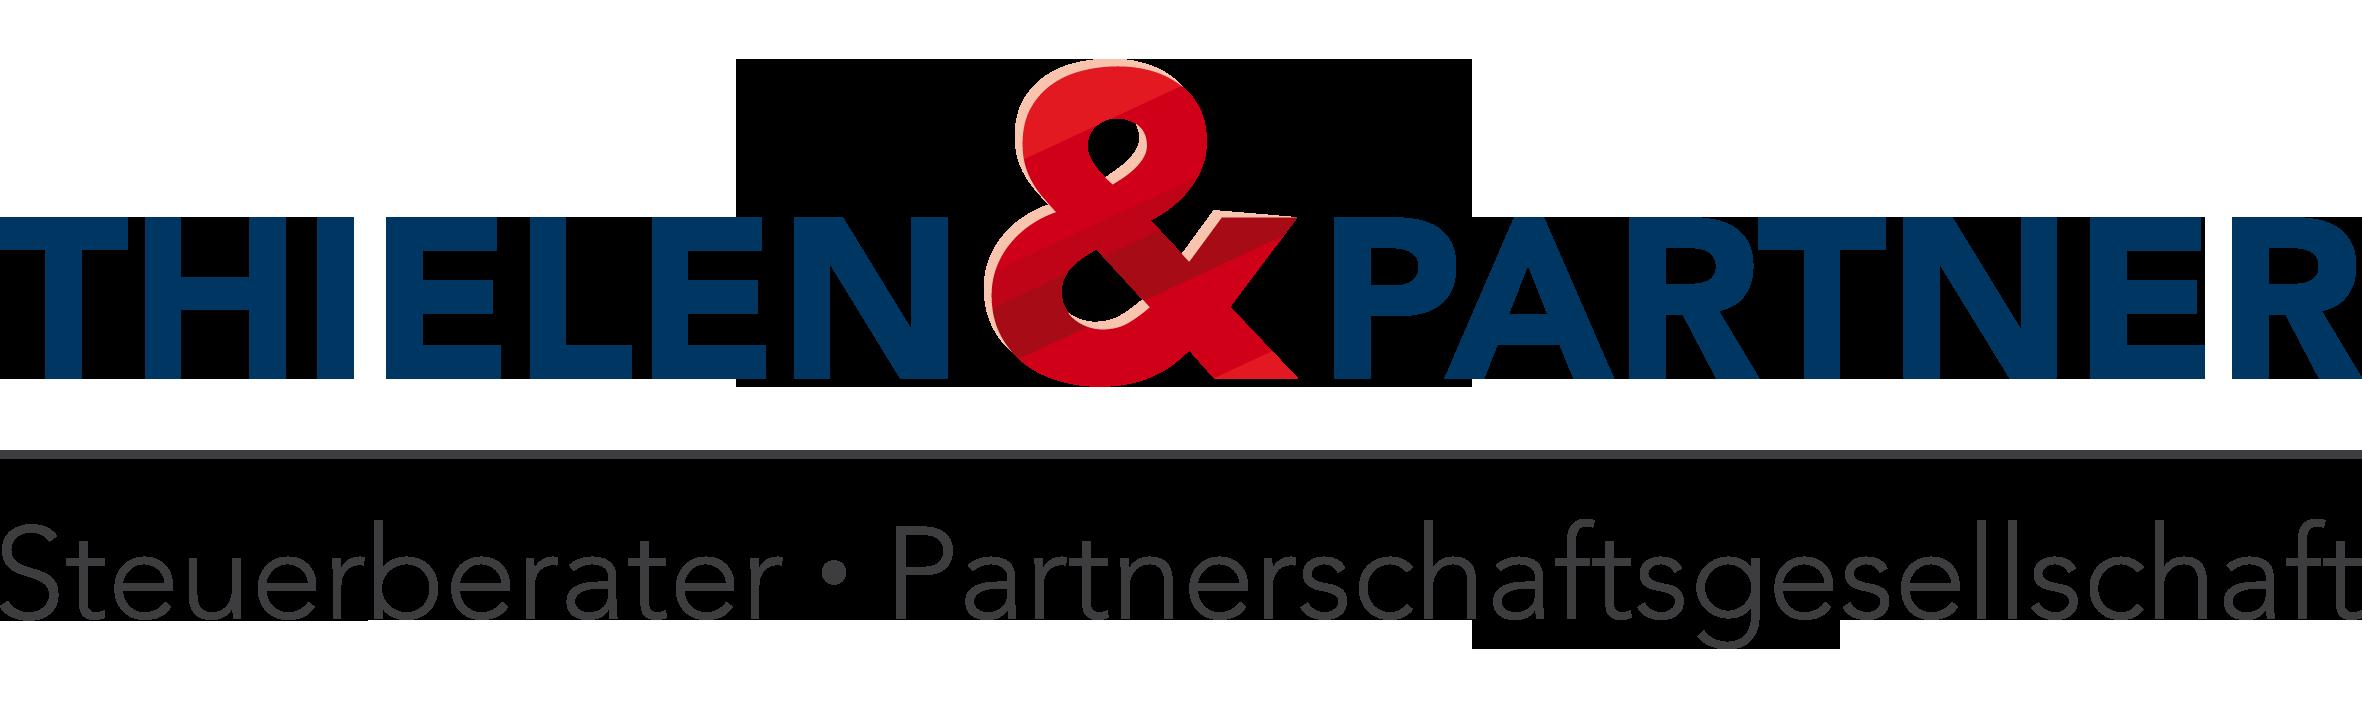 Thielen & Partner